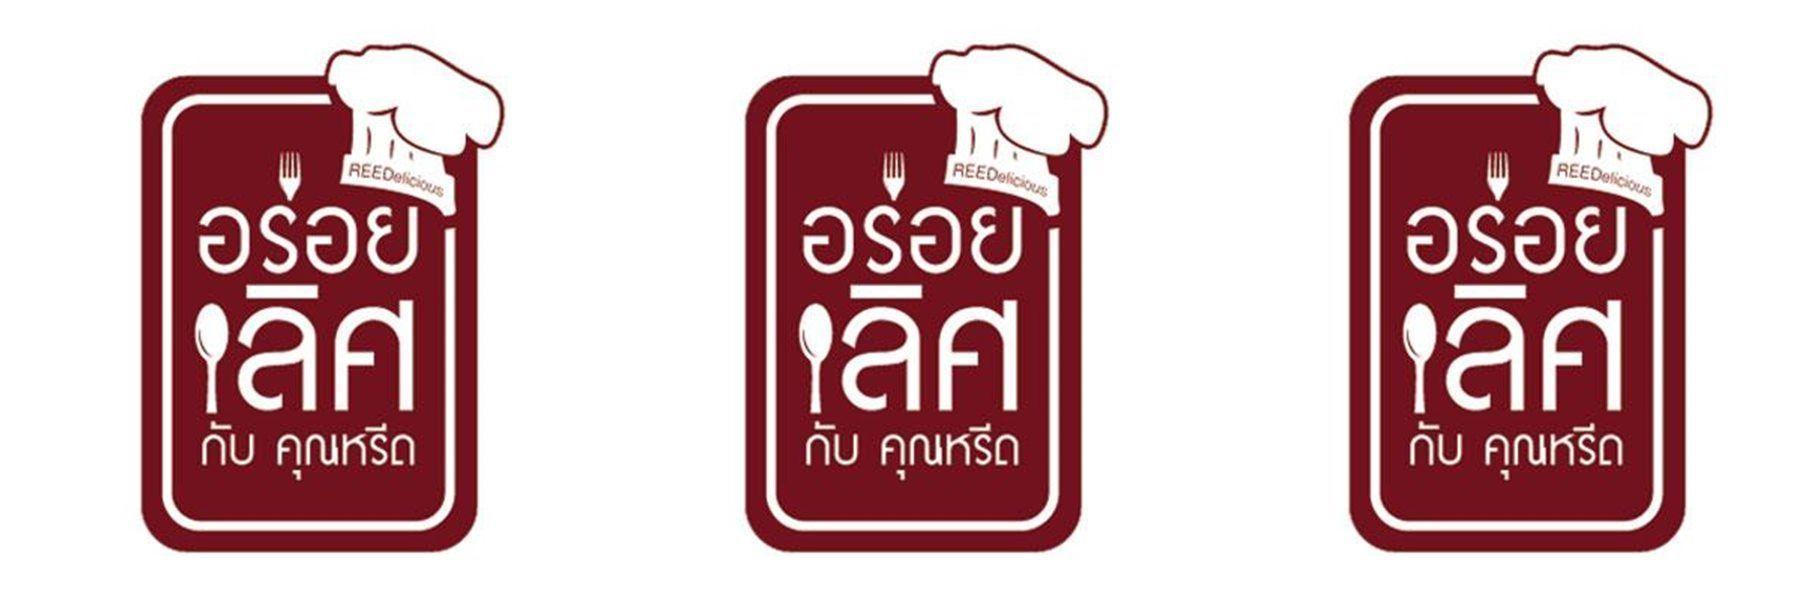 ดูละครย้อนหลัง Dojoe Steak Expert | อร่อยเลิศกับคุณหรีด | 25 มิ.ย. 62